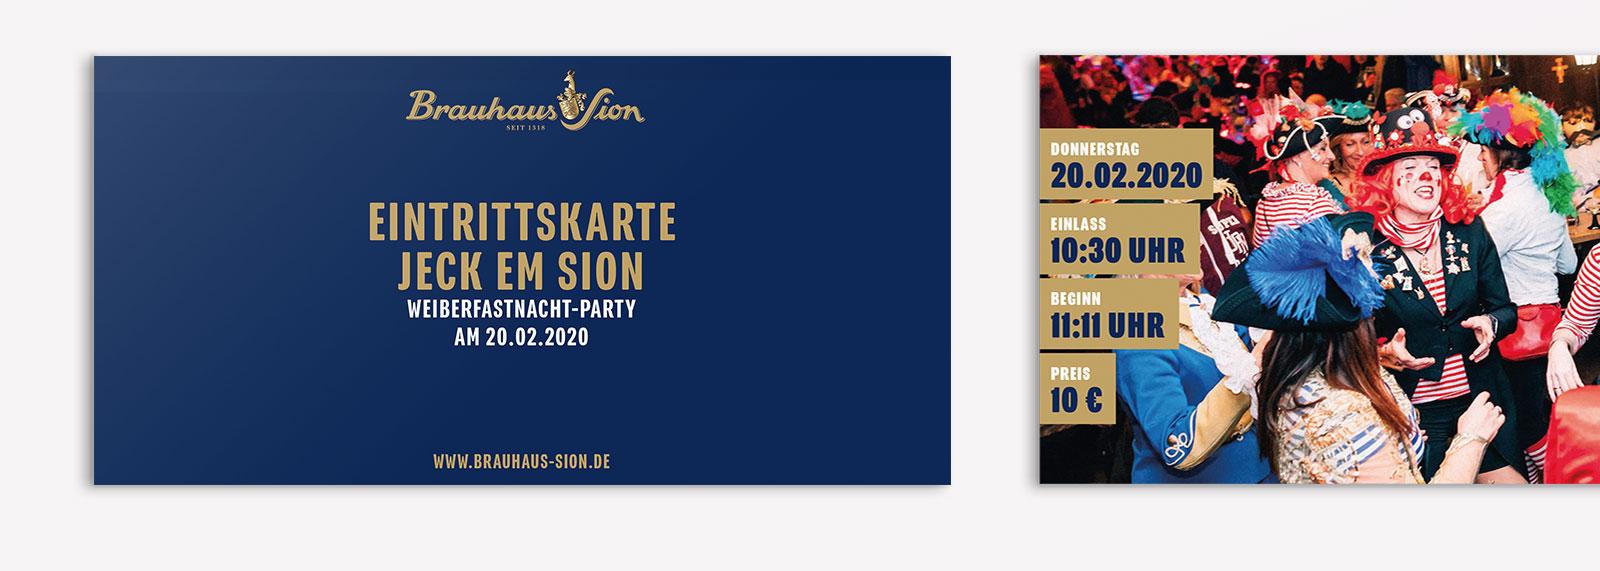 Brauhaus Sion Printmedien